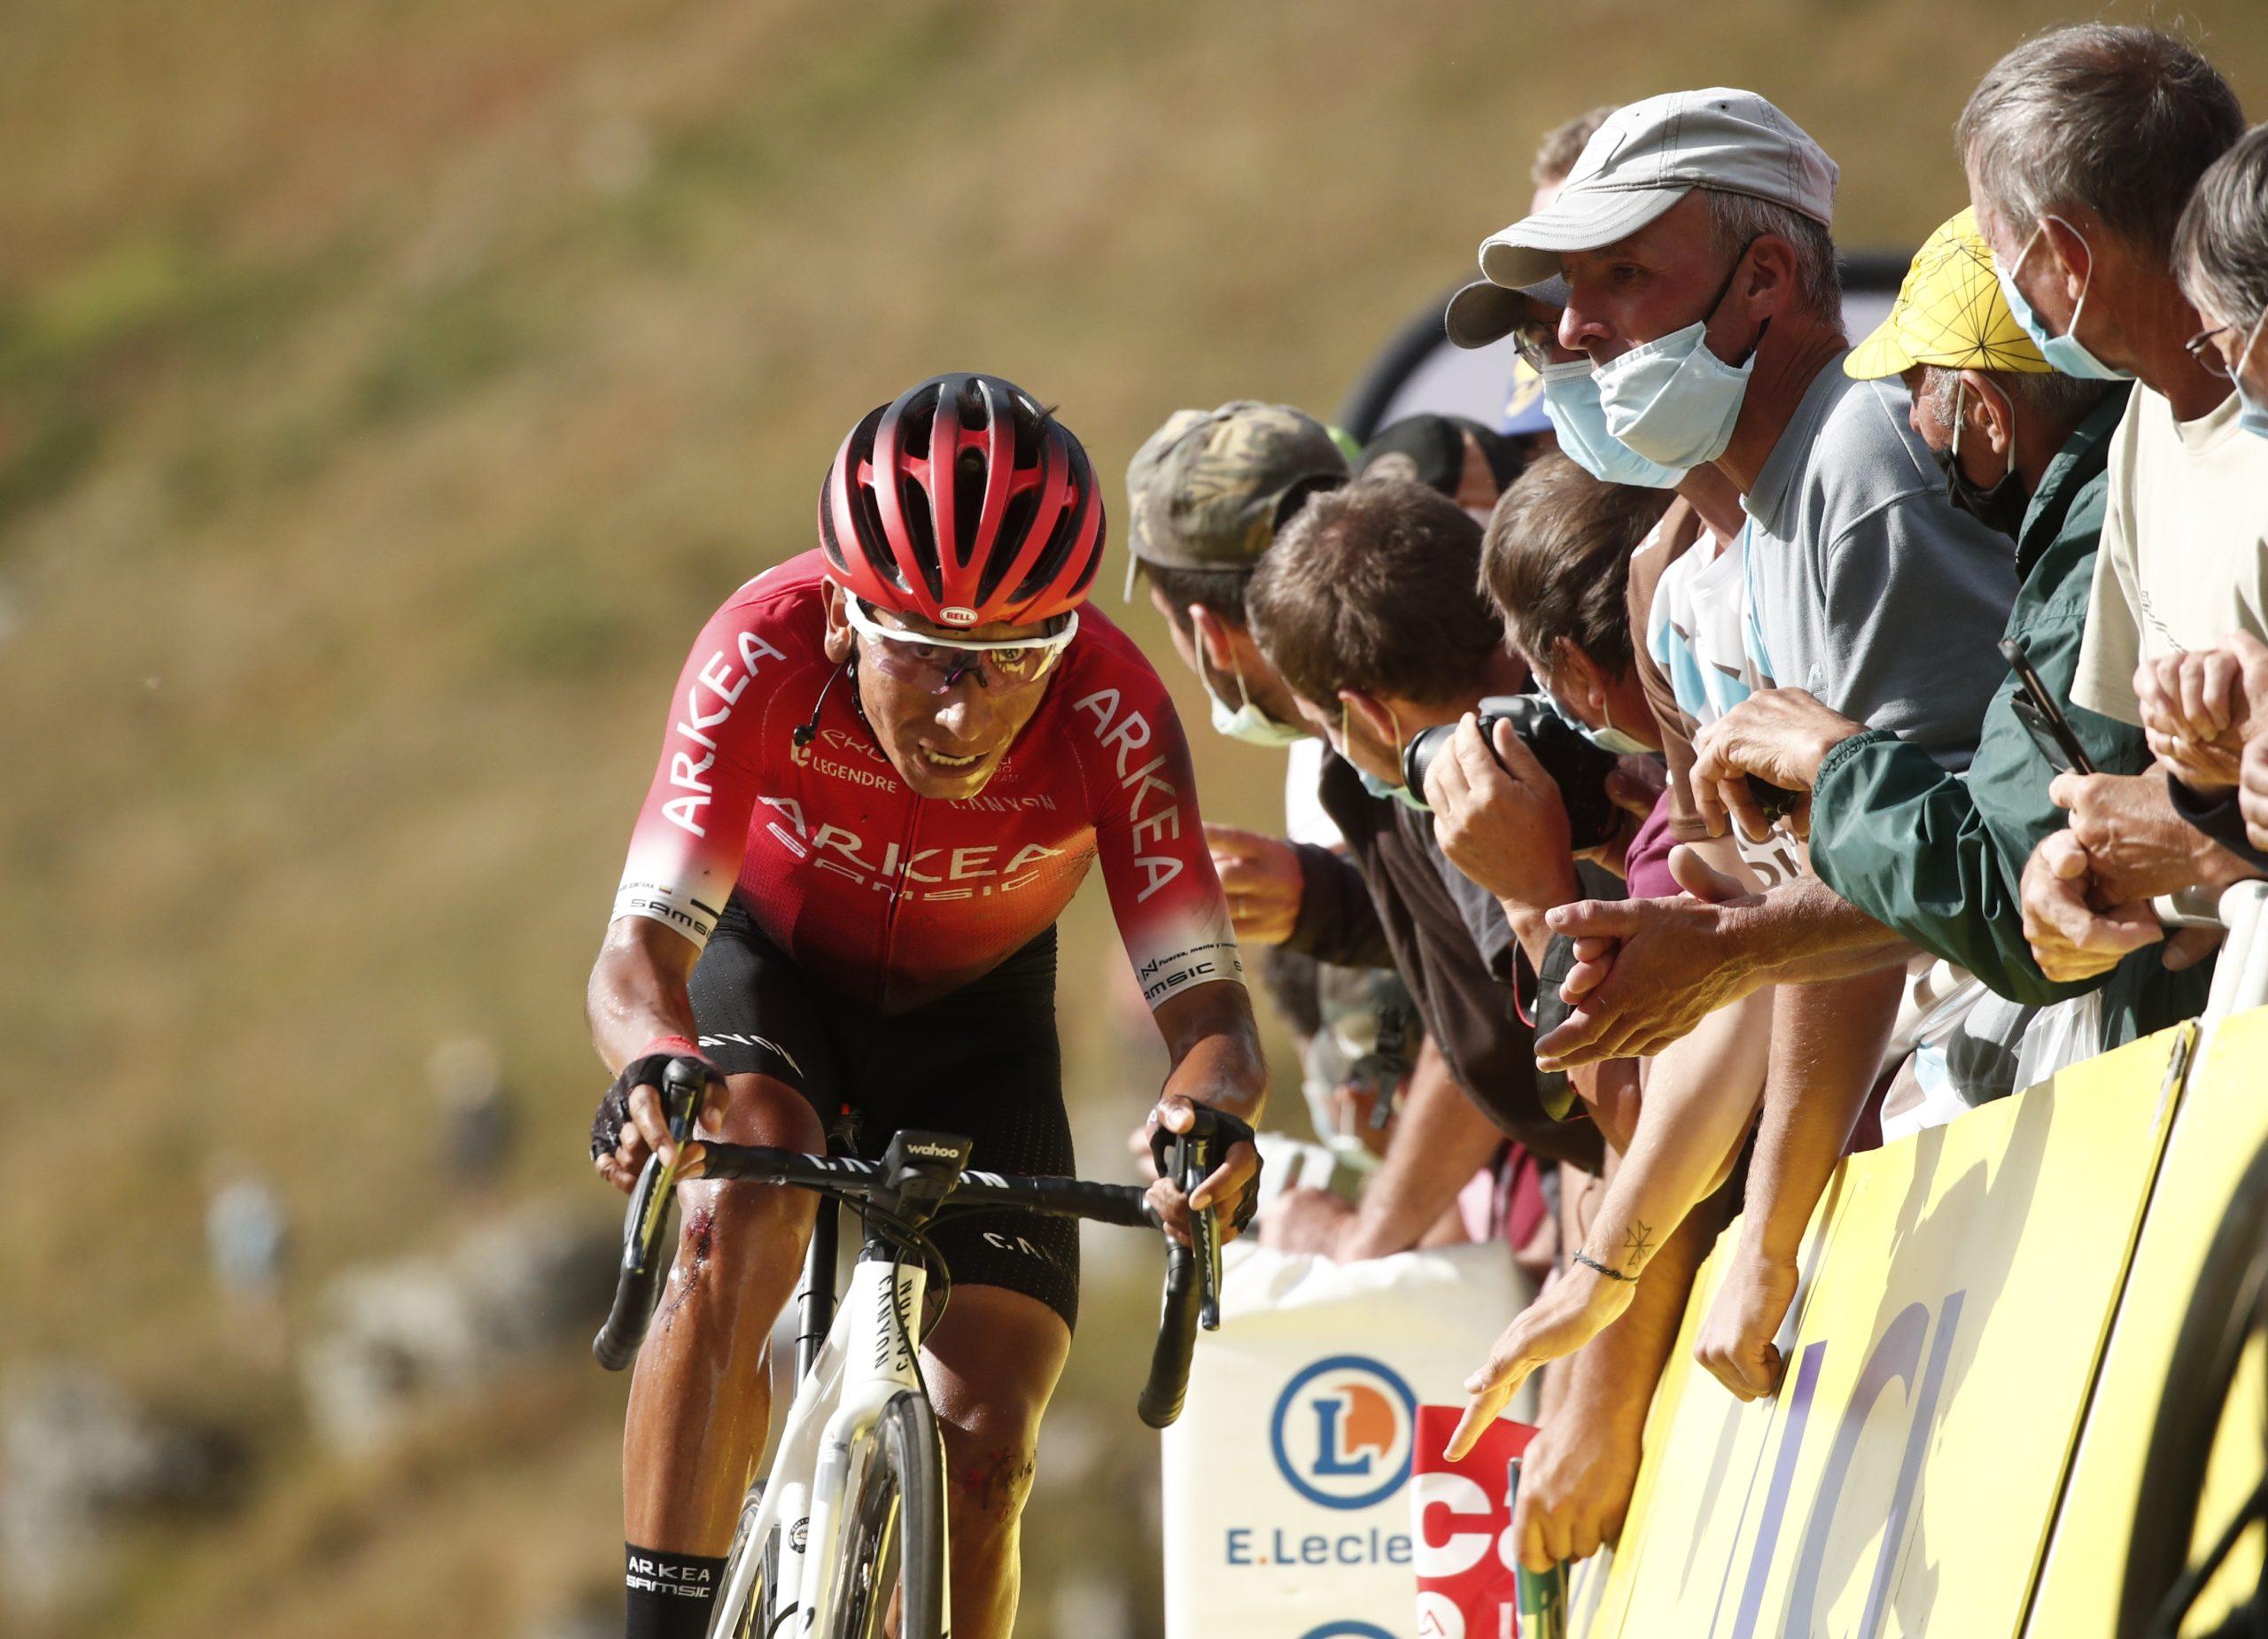 Cyclisme: Gardes à vue levées dans l'enquête sur Arkea-Samsic, Quintana nie toute pratique dopante